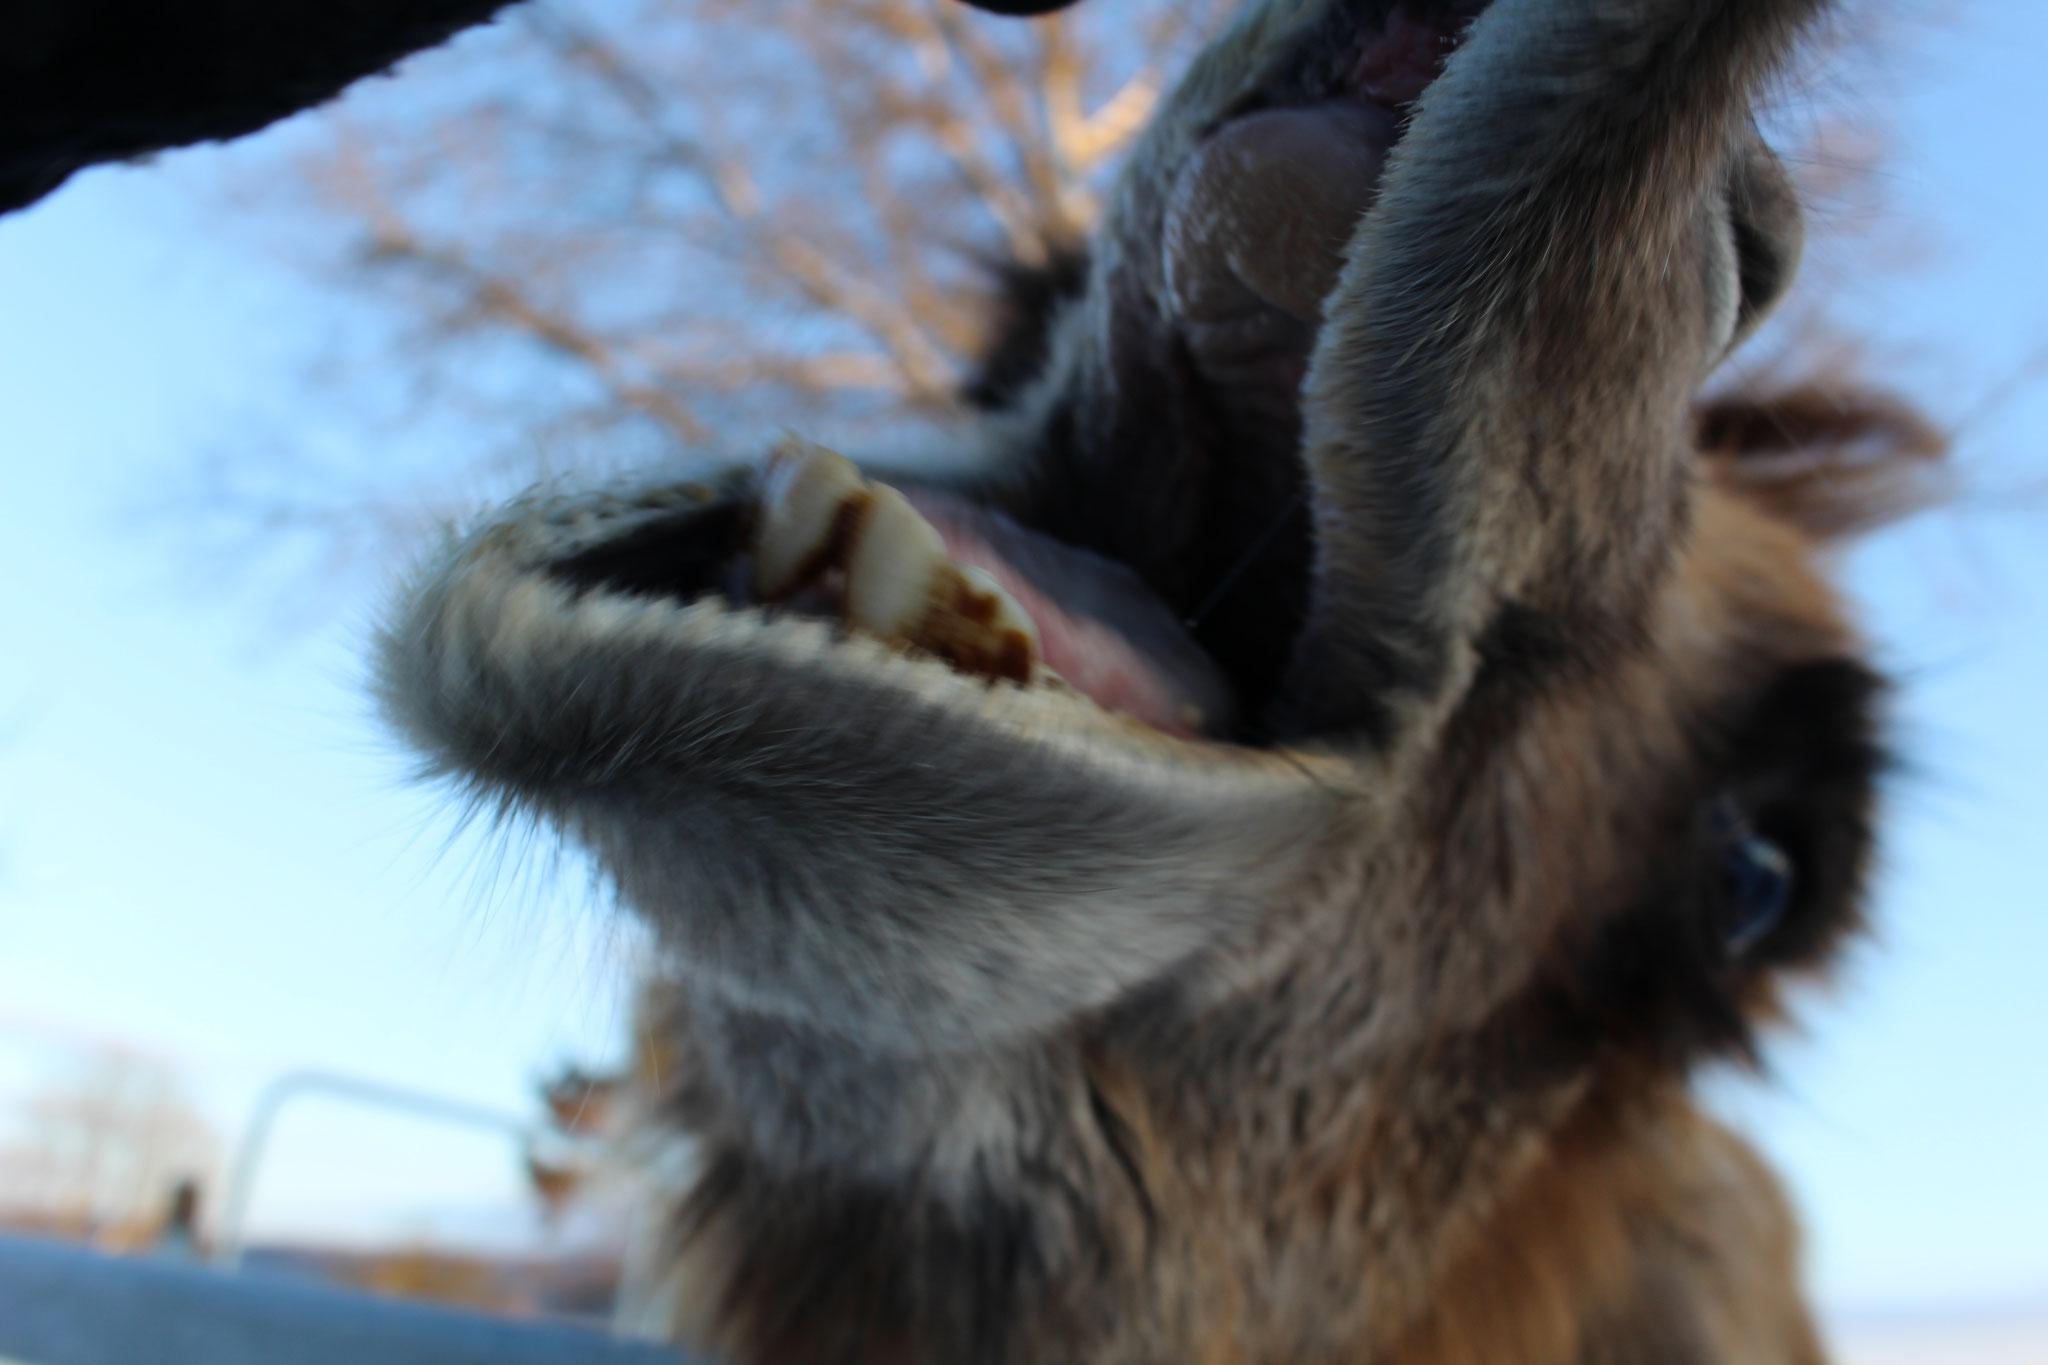 Kamele haben weiche Nasen